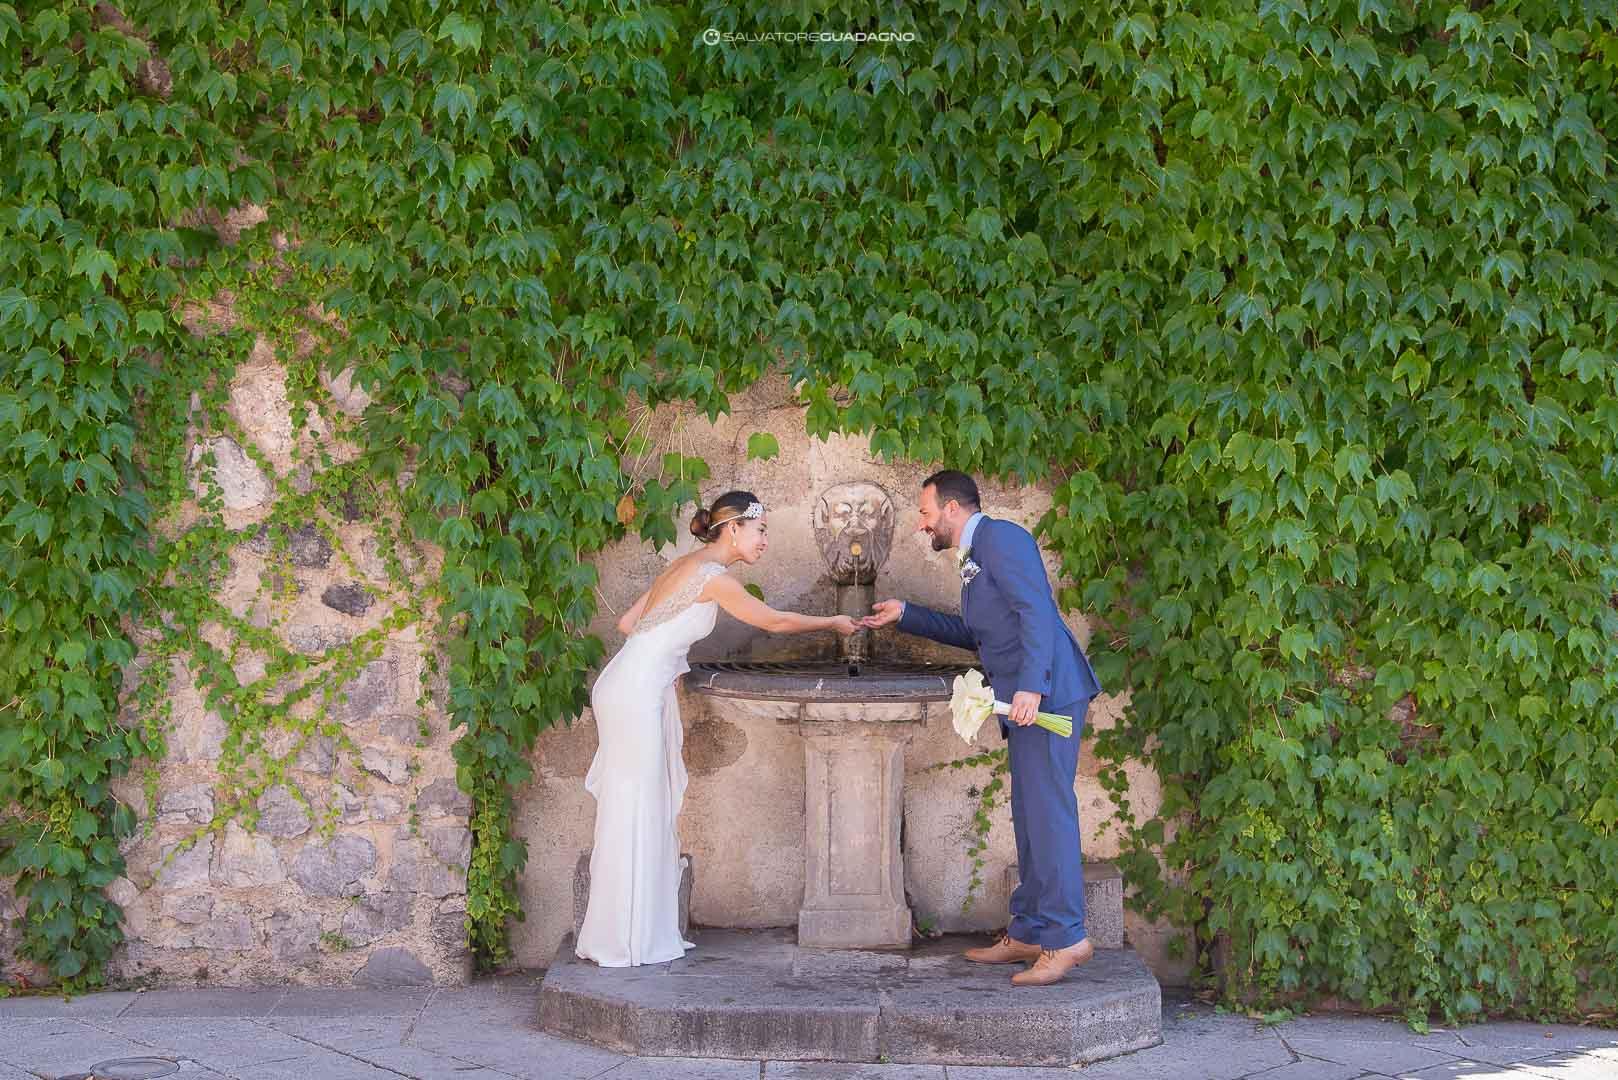 ritratto-matrimonio-costiera-amalfitana-fotografo